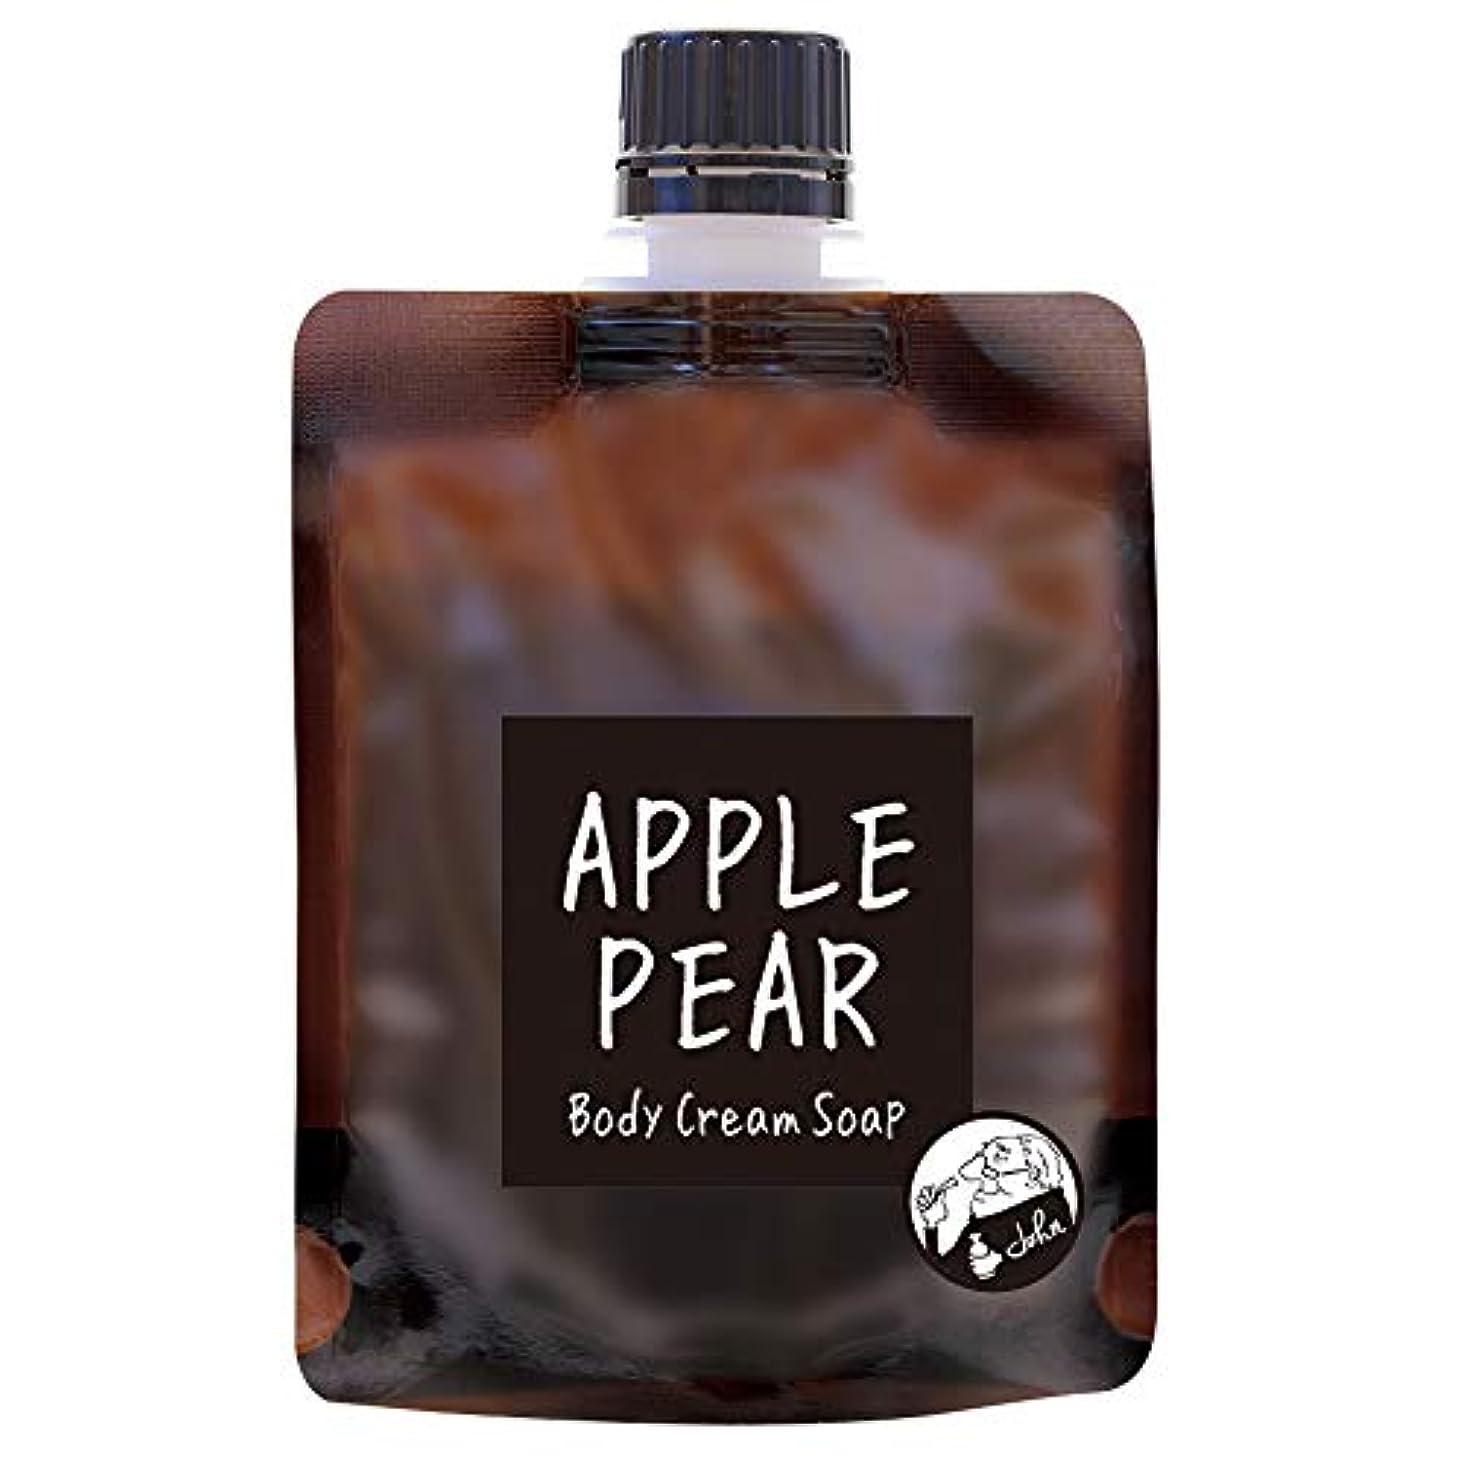 頻繁に取り消す失うノルコーポレーション John's Blend ボディクリームソープ 保湿成分配合 OA-JON-19-4 ボディソープ アップルペアーの香り 100g